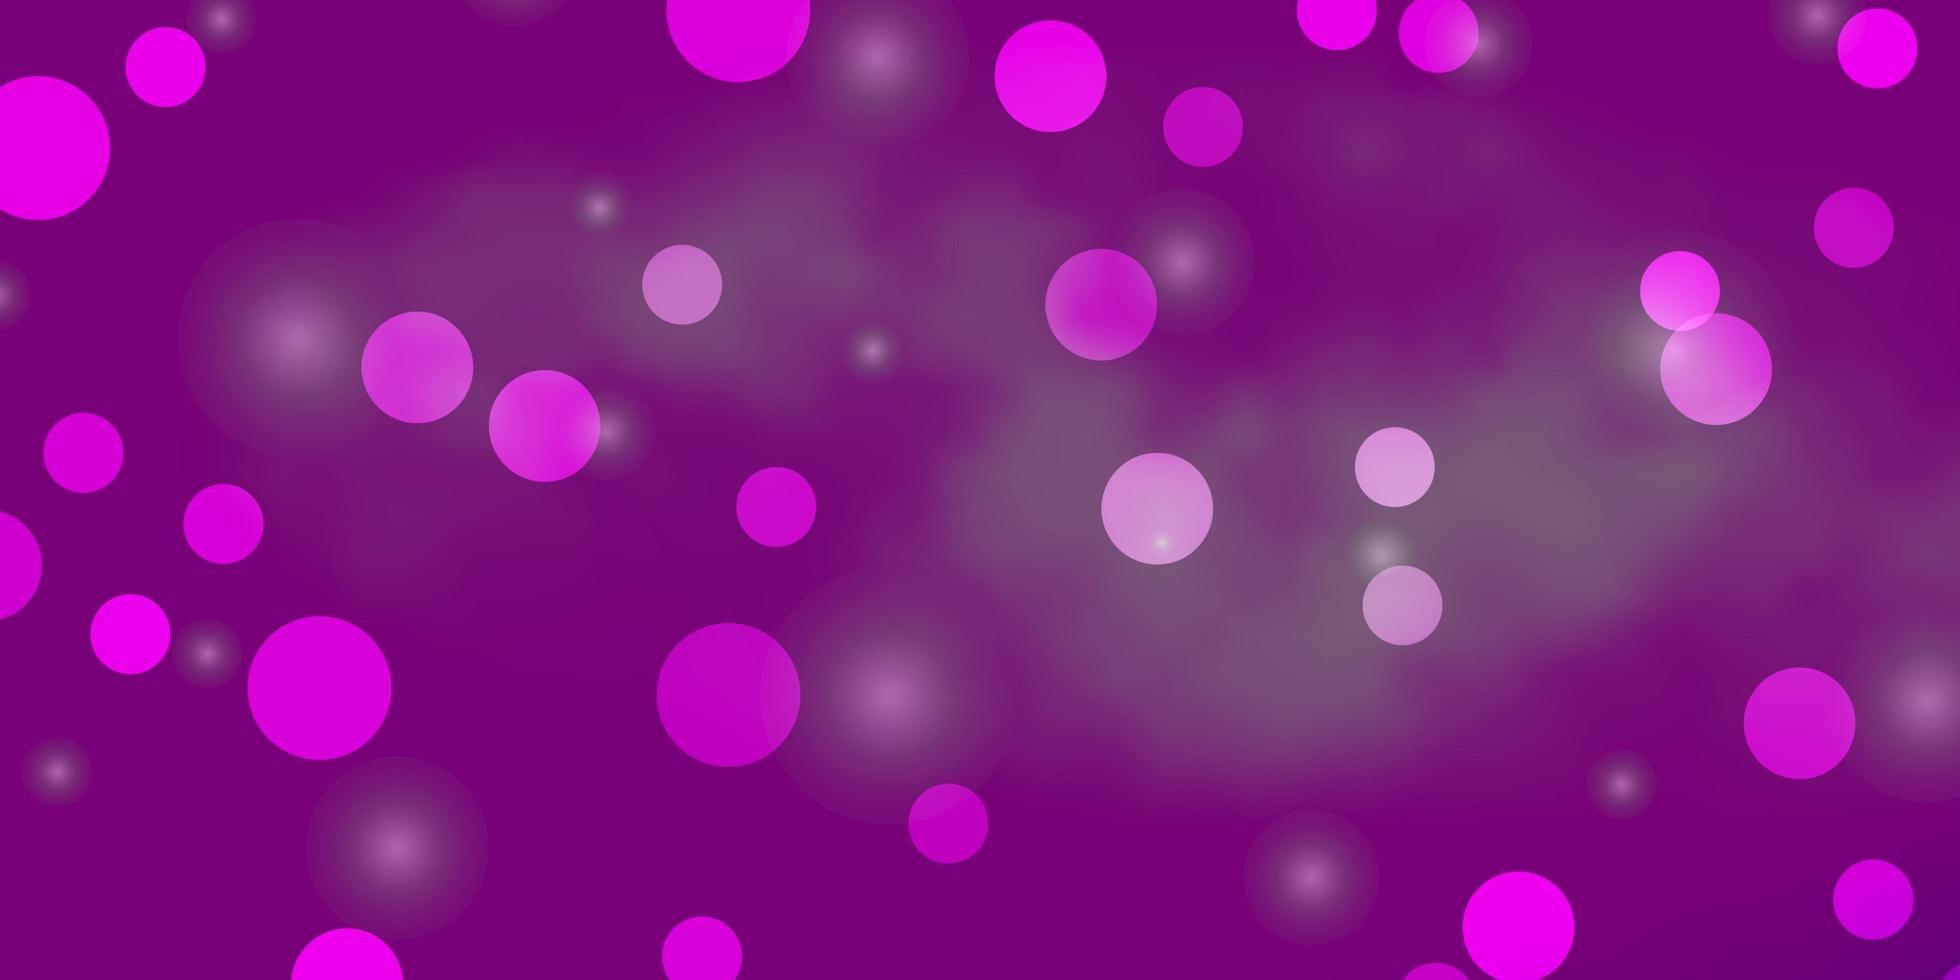 hellviolette Vektorbeschaffenheit mit Kreisen, Sternen. vektor